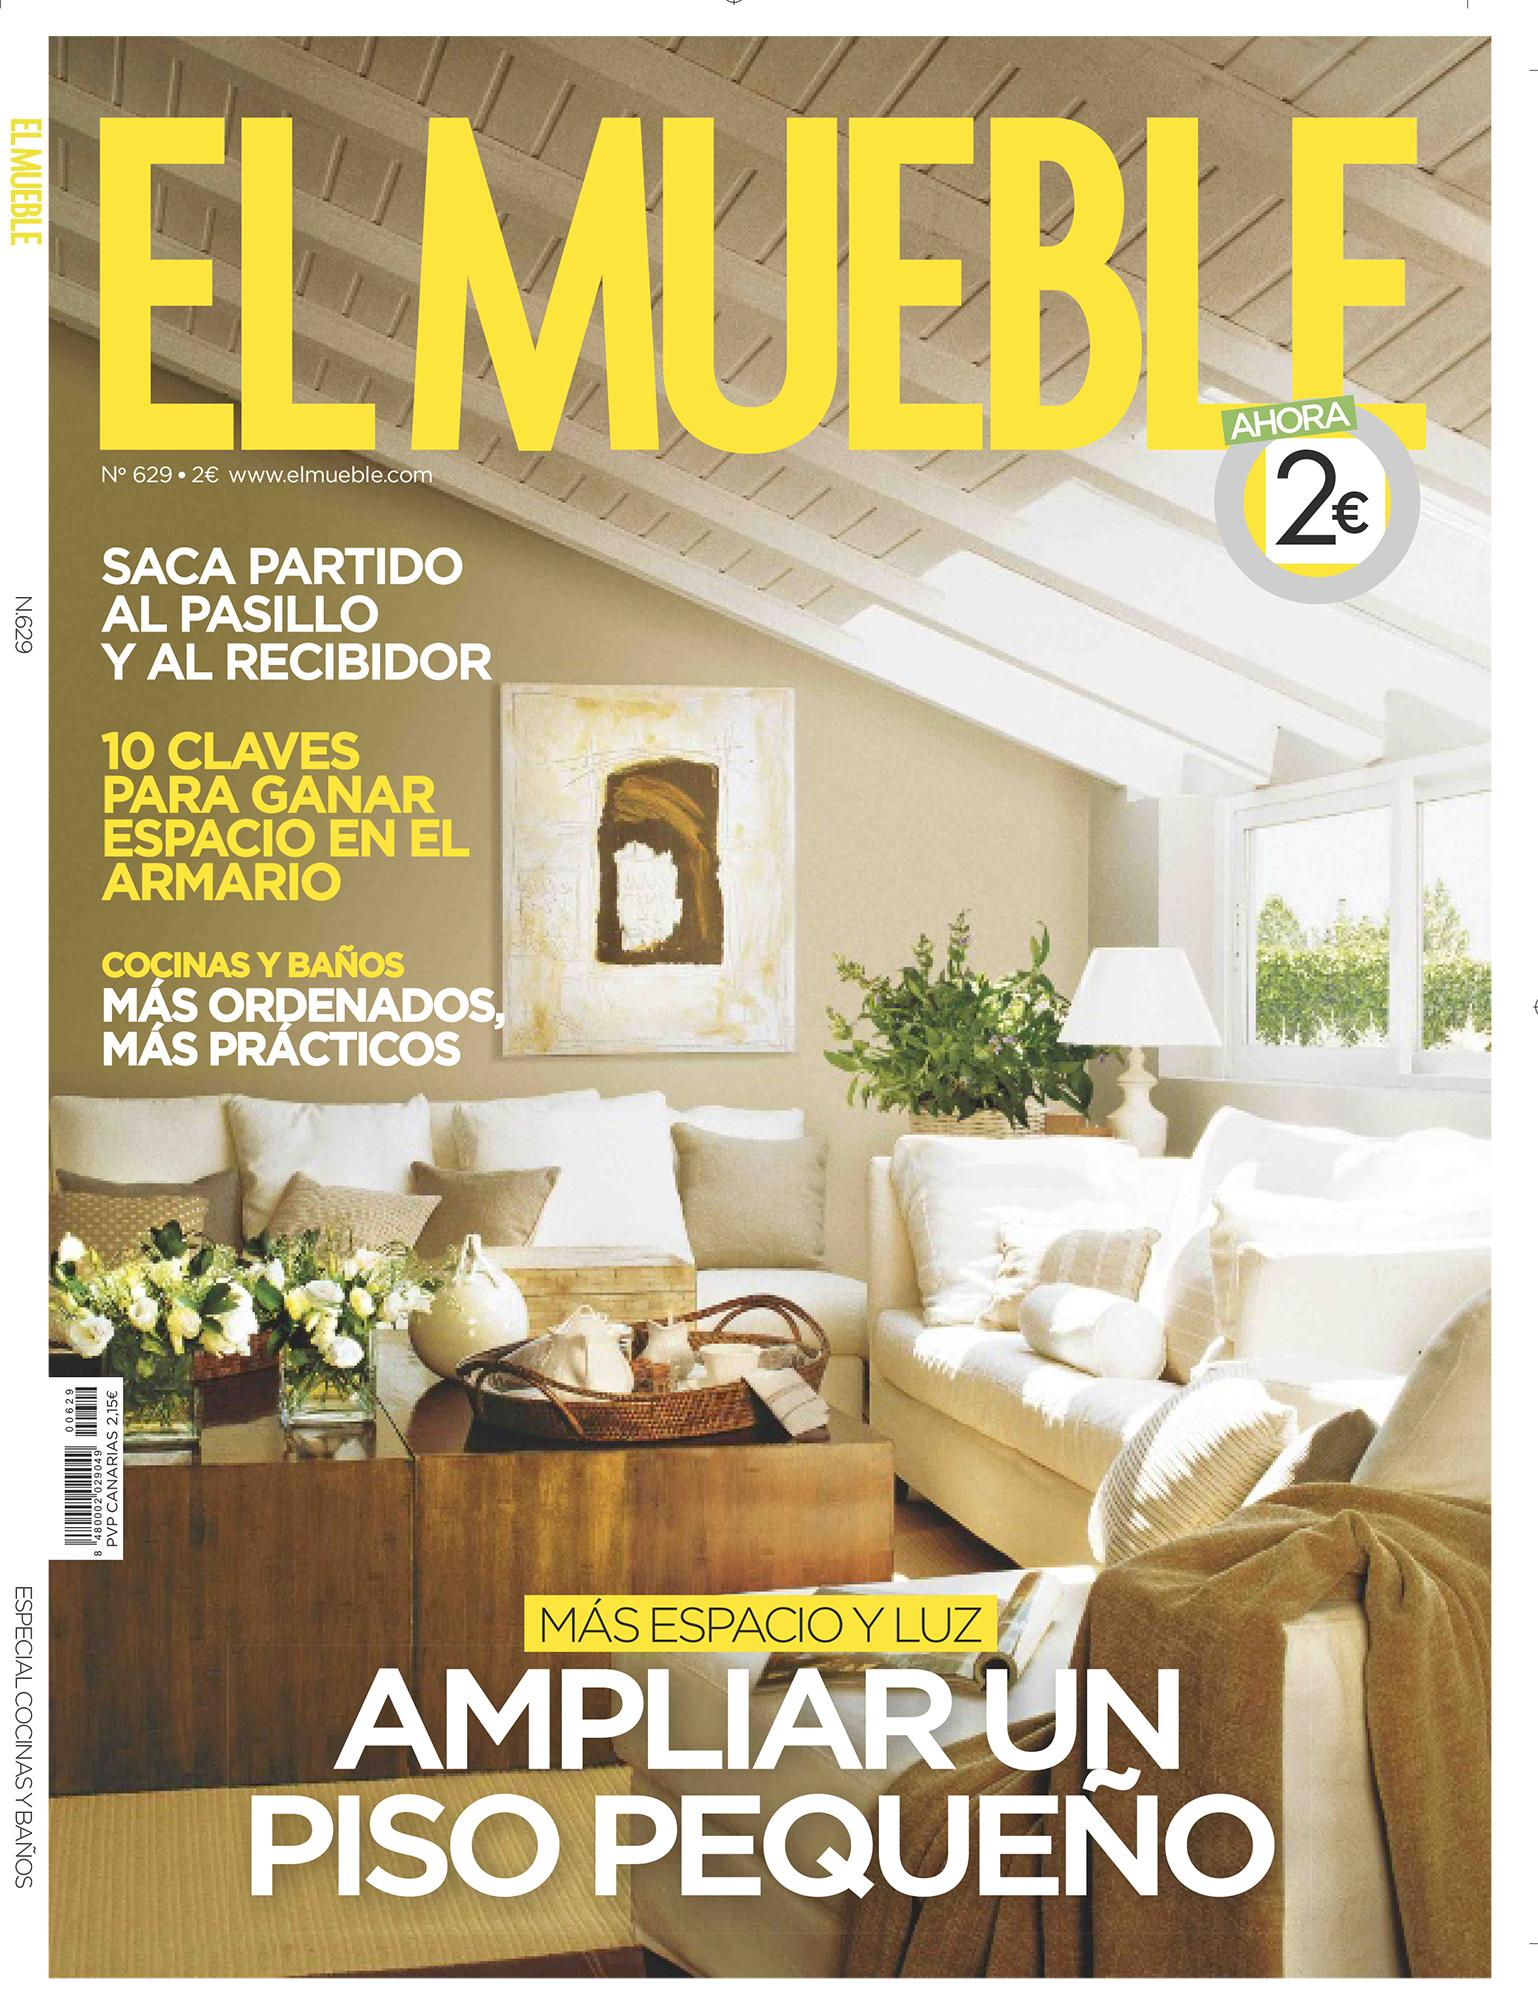 Las 25 mejores portadas de la revista El Mueble